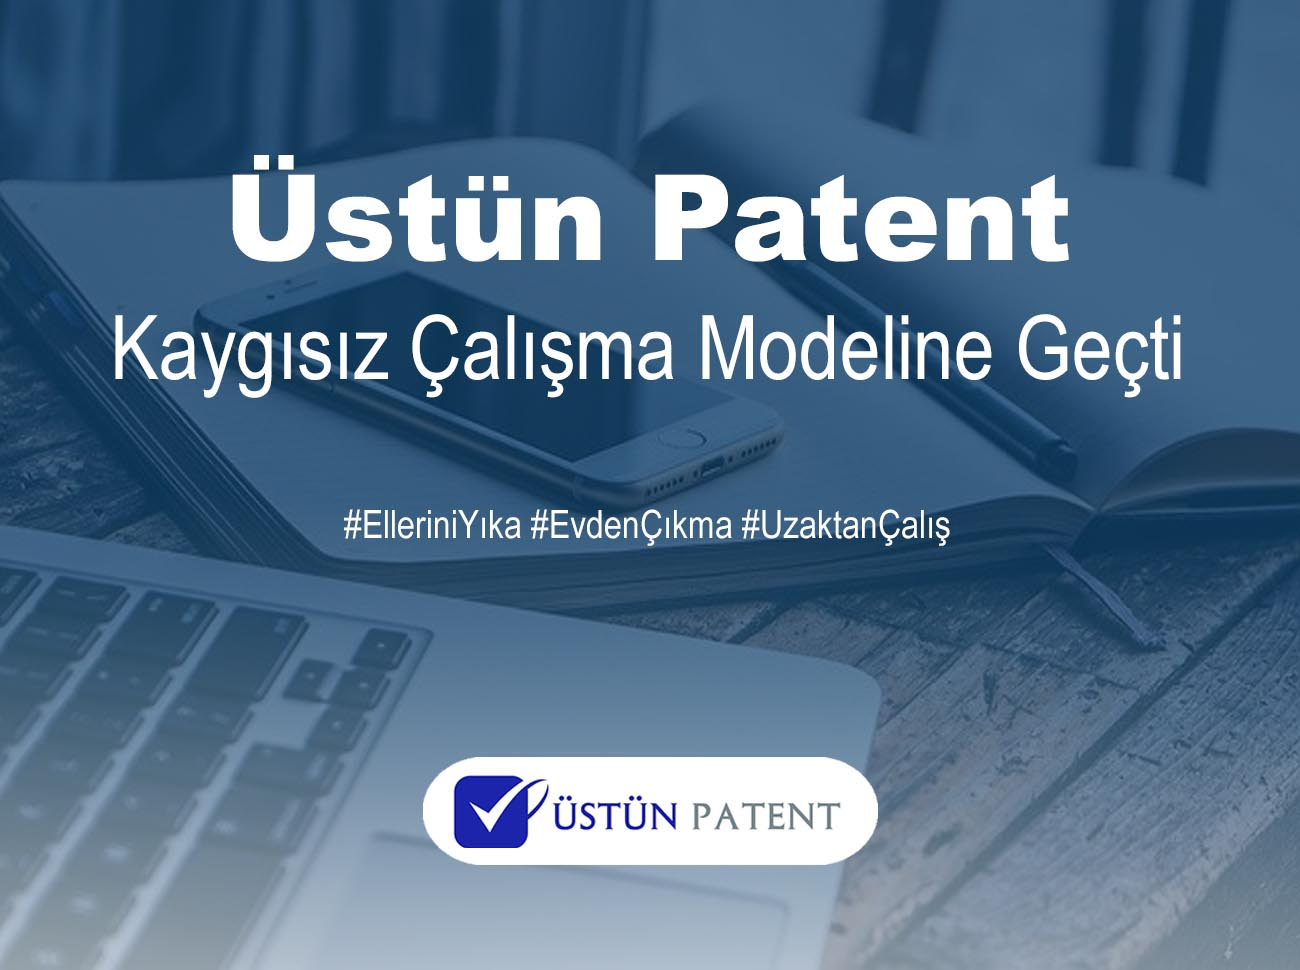 Üstün Patent'ten Kaygısız Çalışma Modeli